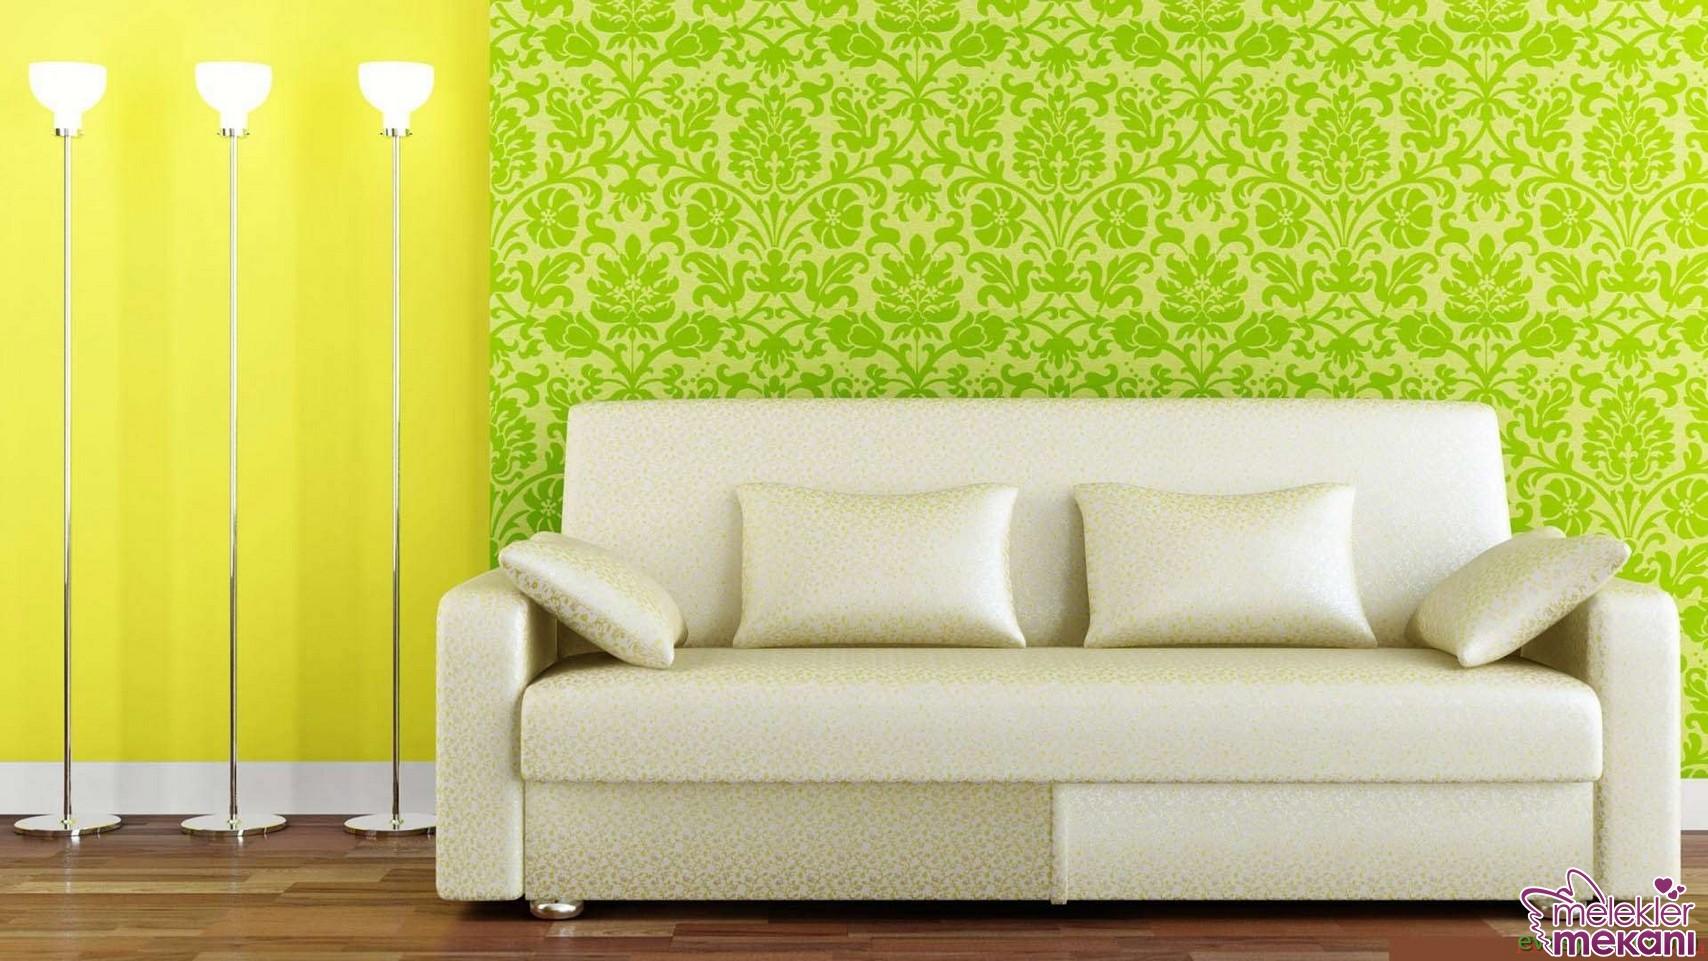 2017 en yeni duvar kağıdı modelleri ile odalarınız canlanabilecektir.